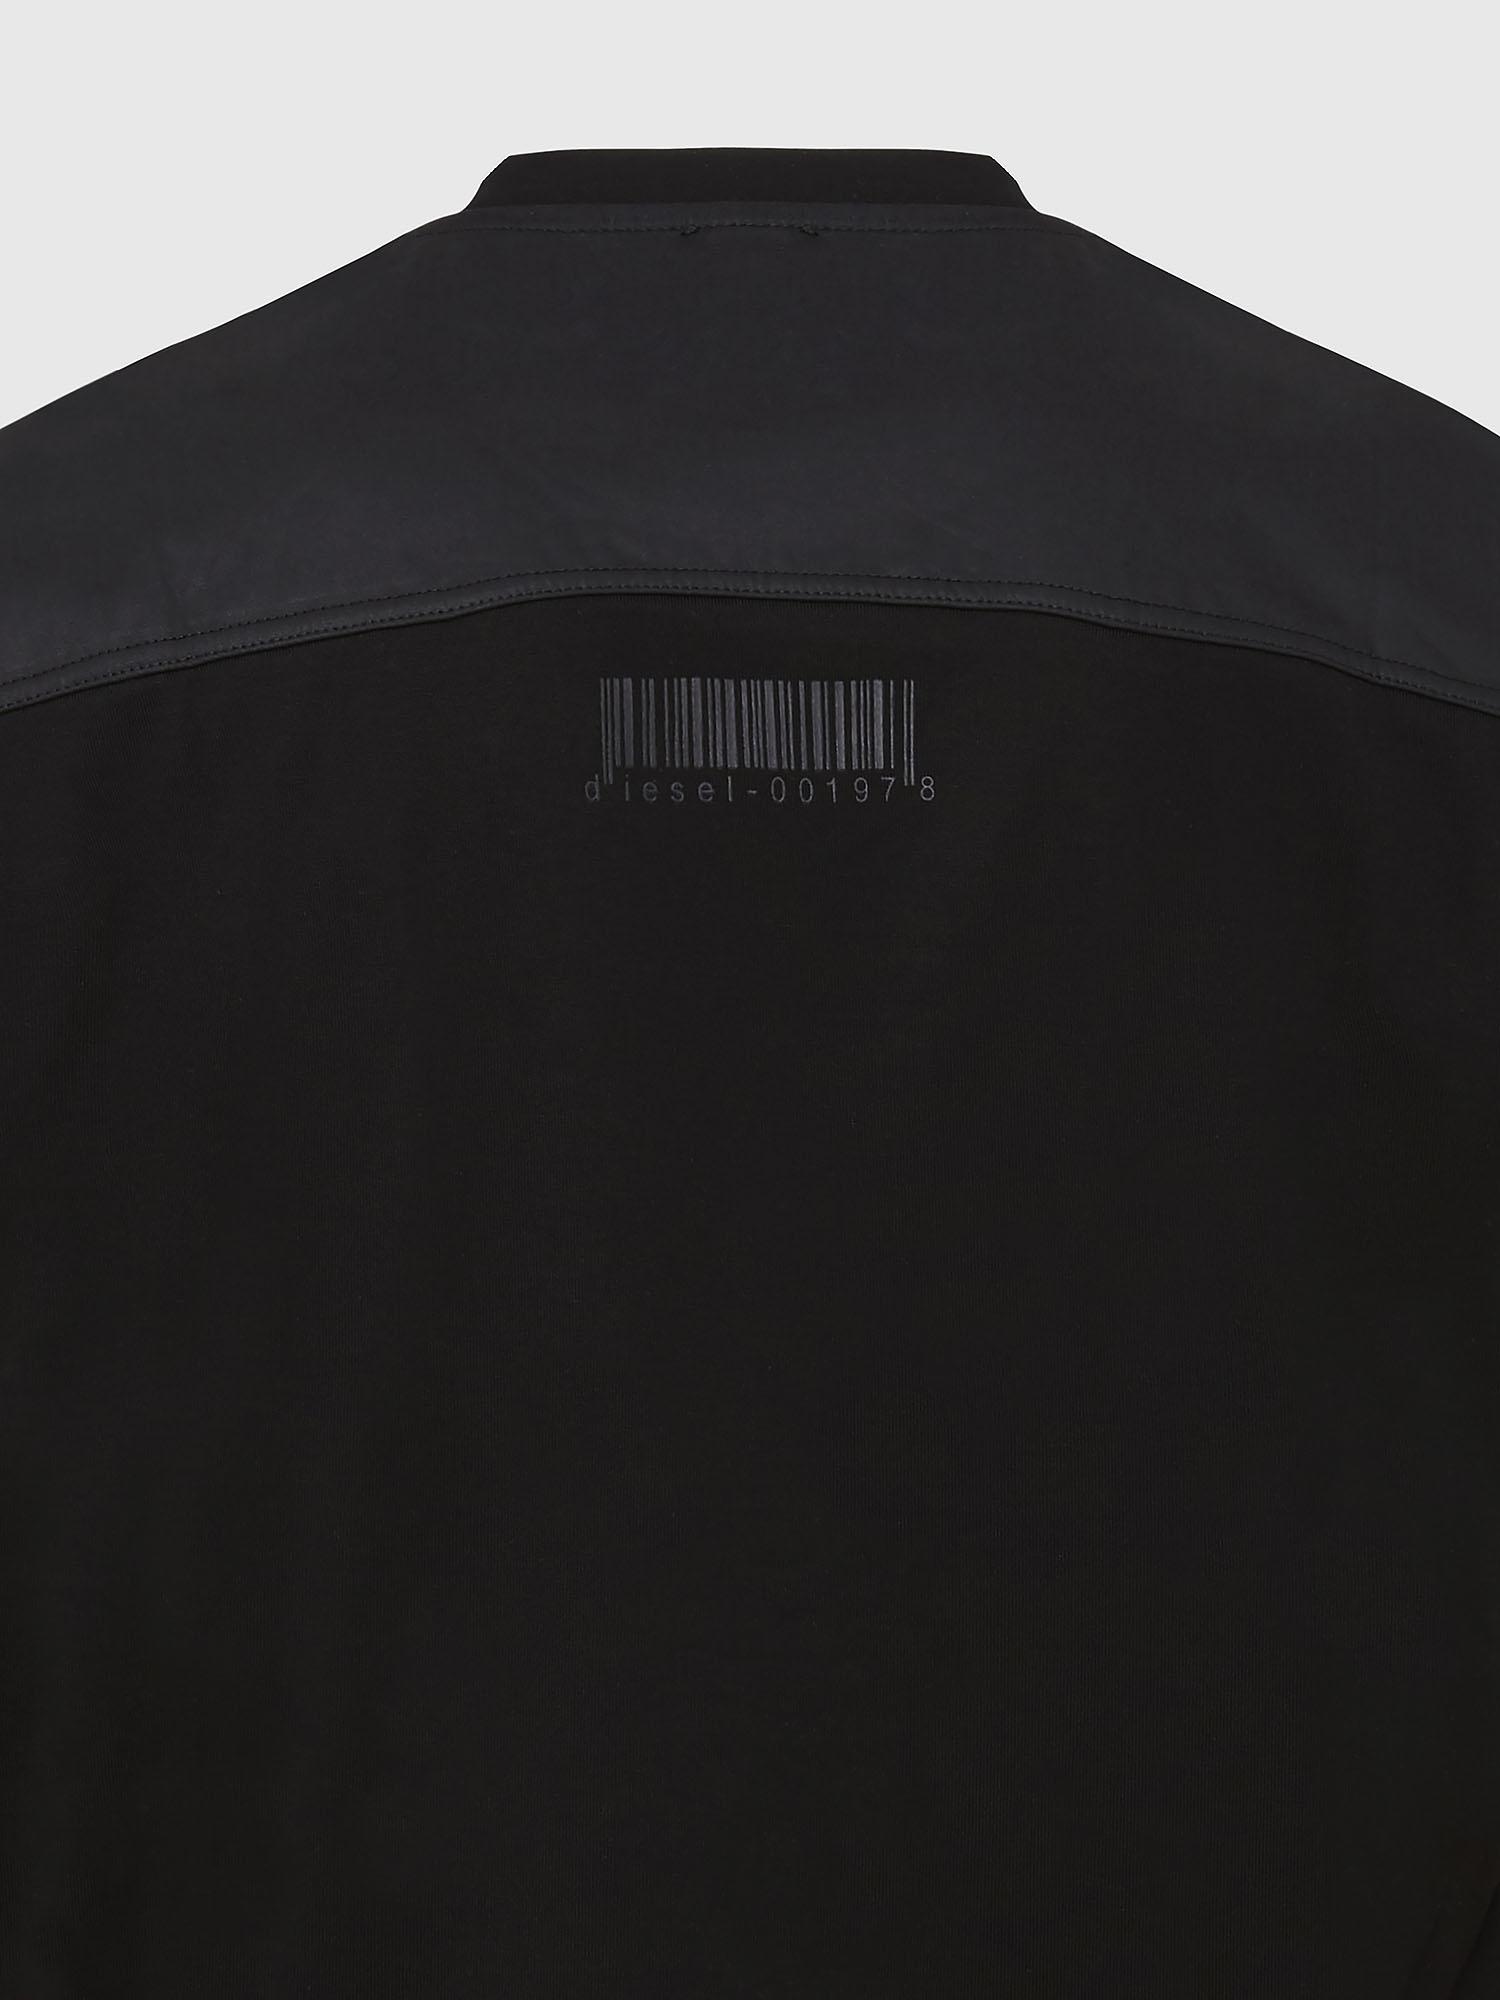 DIESEL DIESEL T-SHIRT T-DIEGOKE SLITS - BLACK